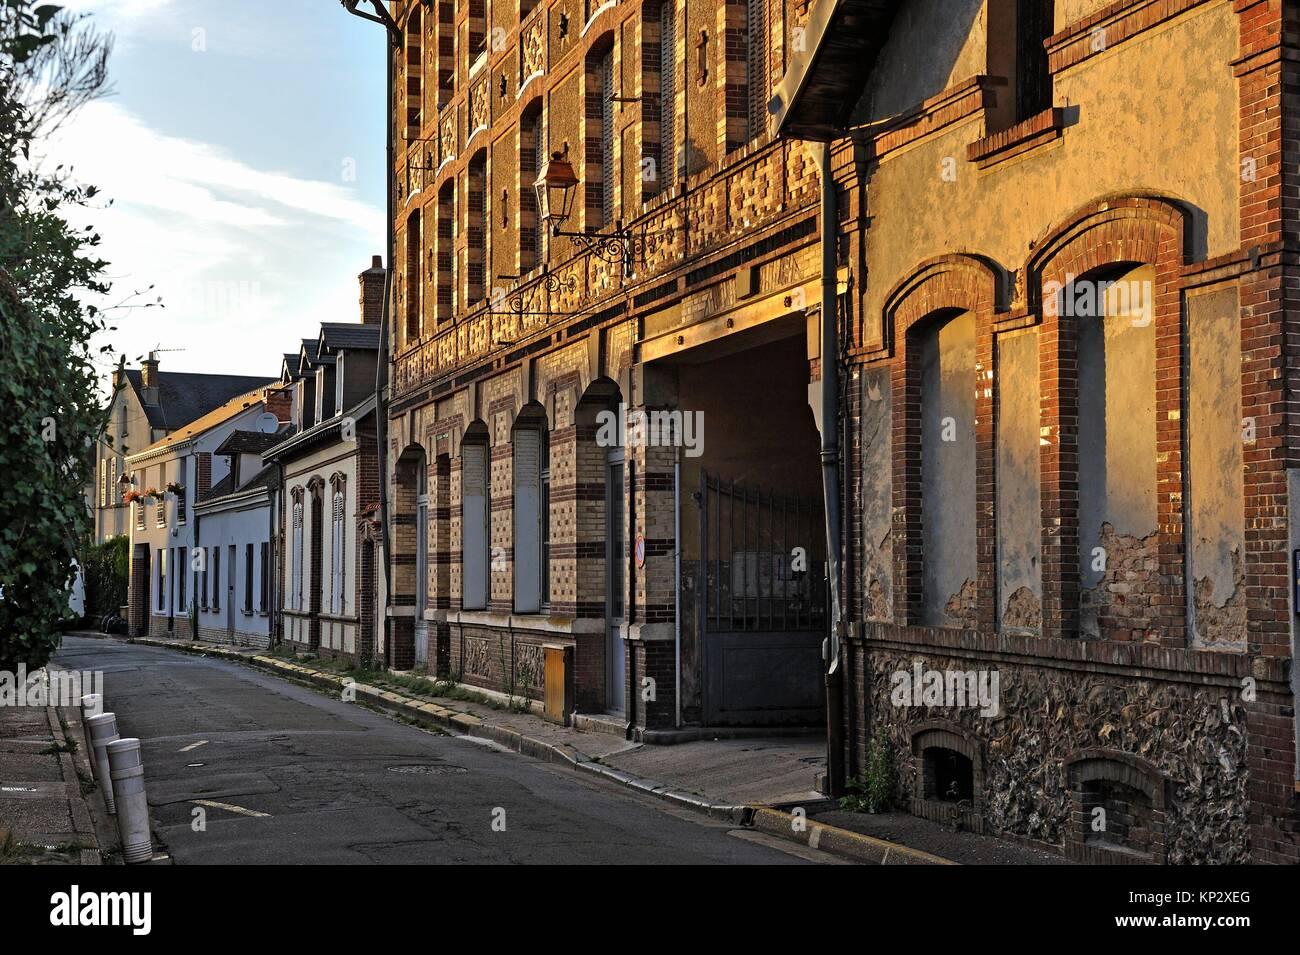 Arquitectura des regiones Thymerais villageoise typique et Drouais, en Nogent-le-Roi, departement Eure-et-Loir, Imagen De Stock